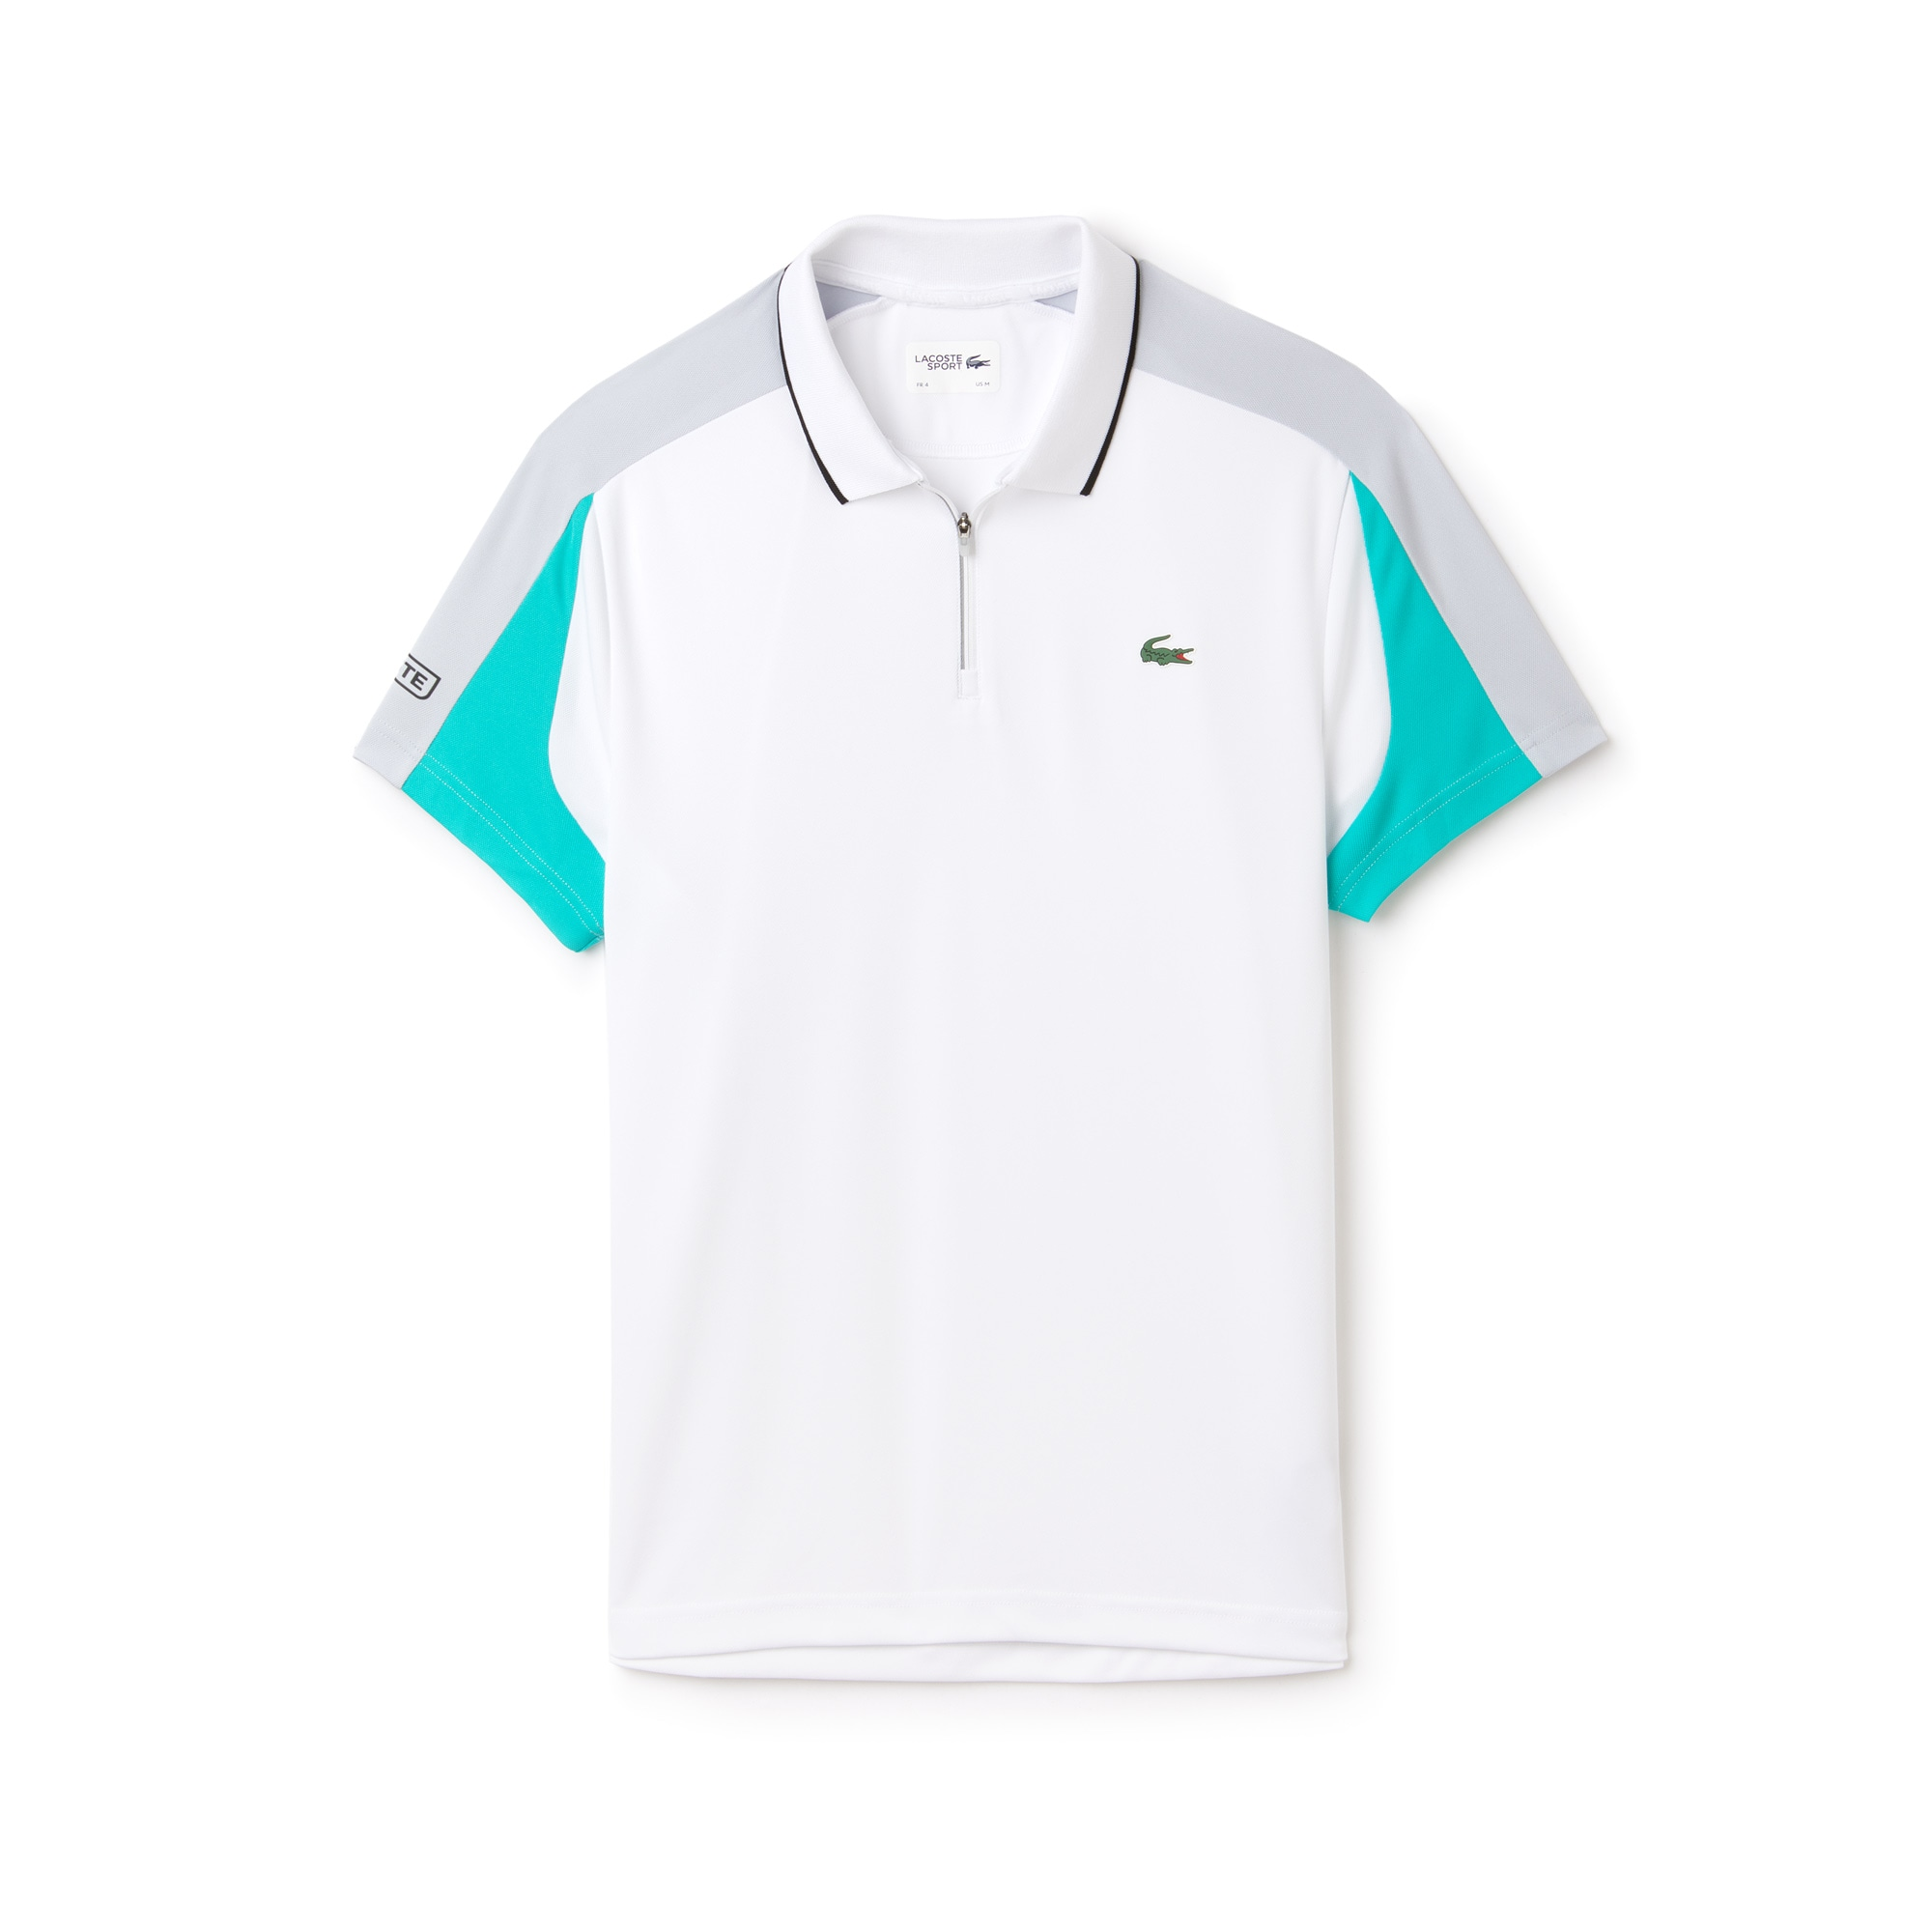 Polo De Hombre Lacoste SPORT Tennis En Piqué Con Franjas A Contraste Y Cuello Cerrado Con Cremallera